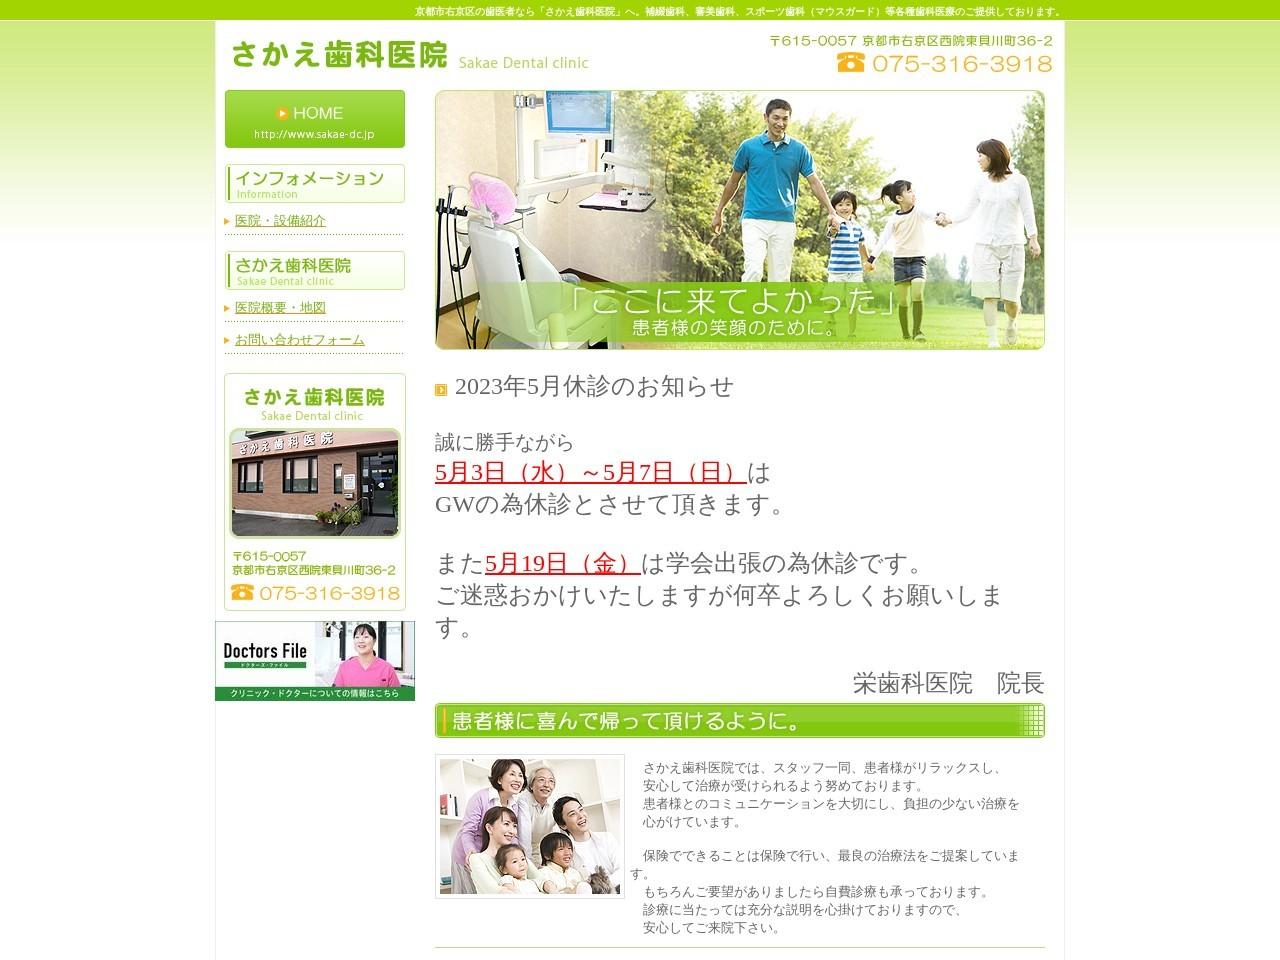 栄歯科医院 (京都府京都市右京区)